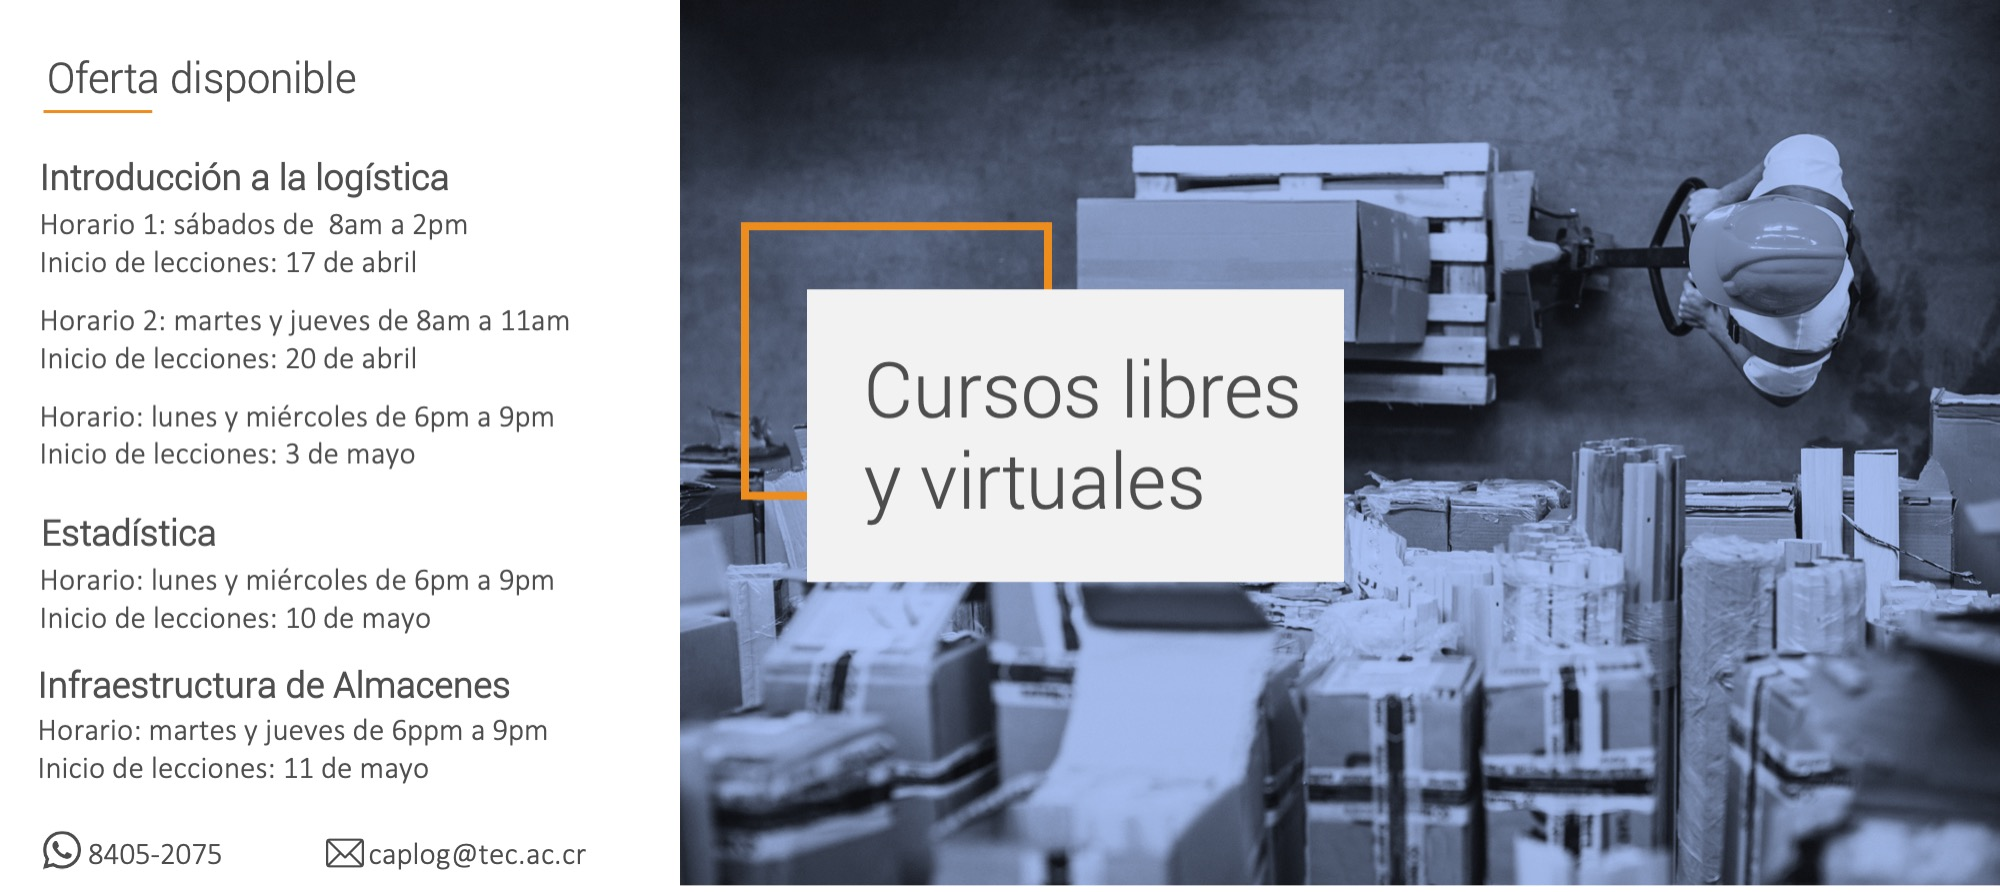 cursos libres y virtuales de abril y mayo